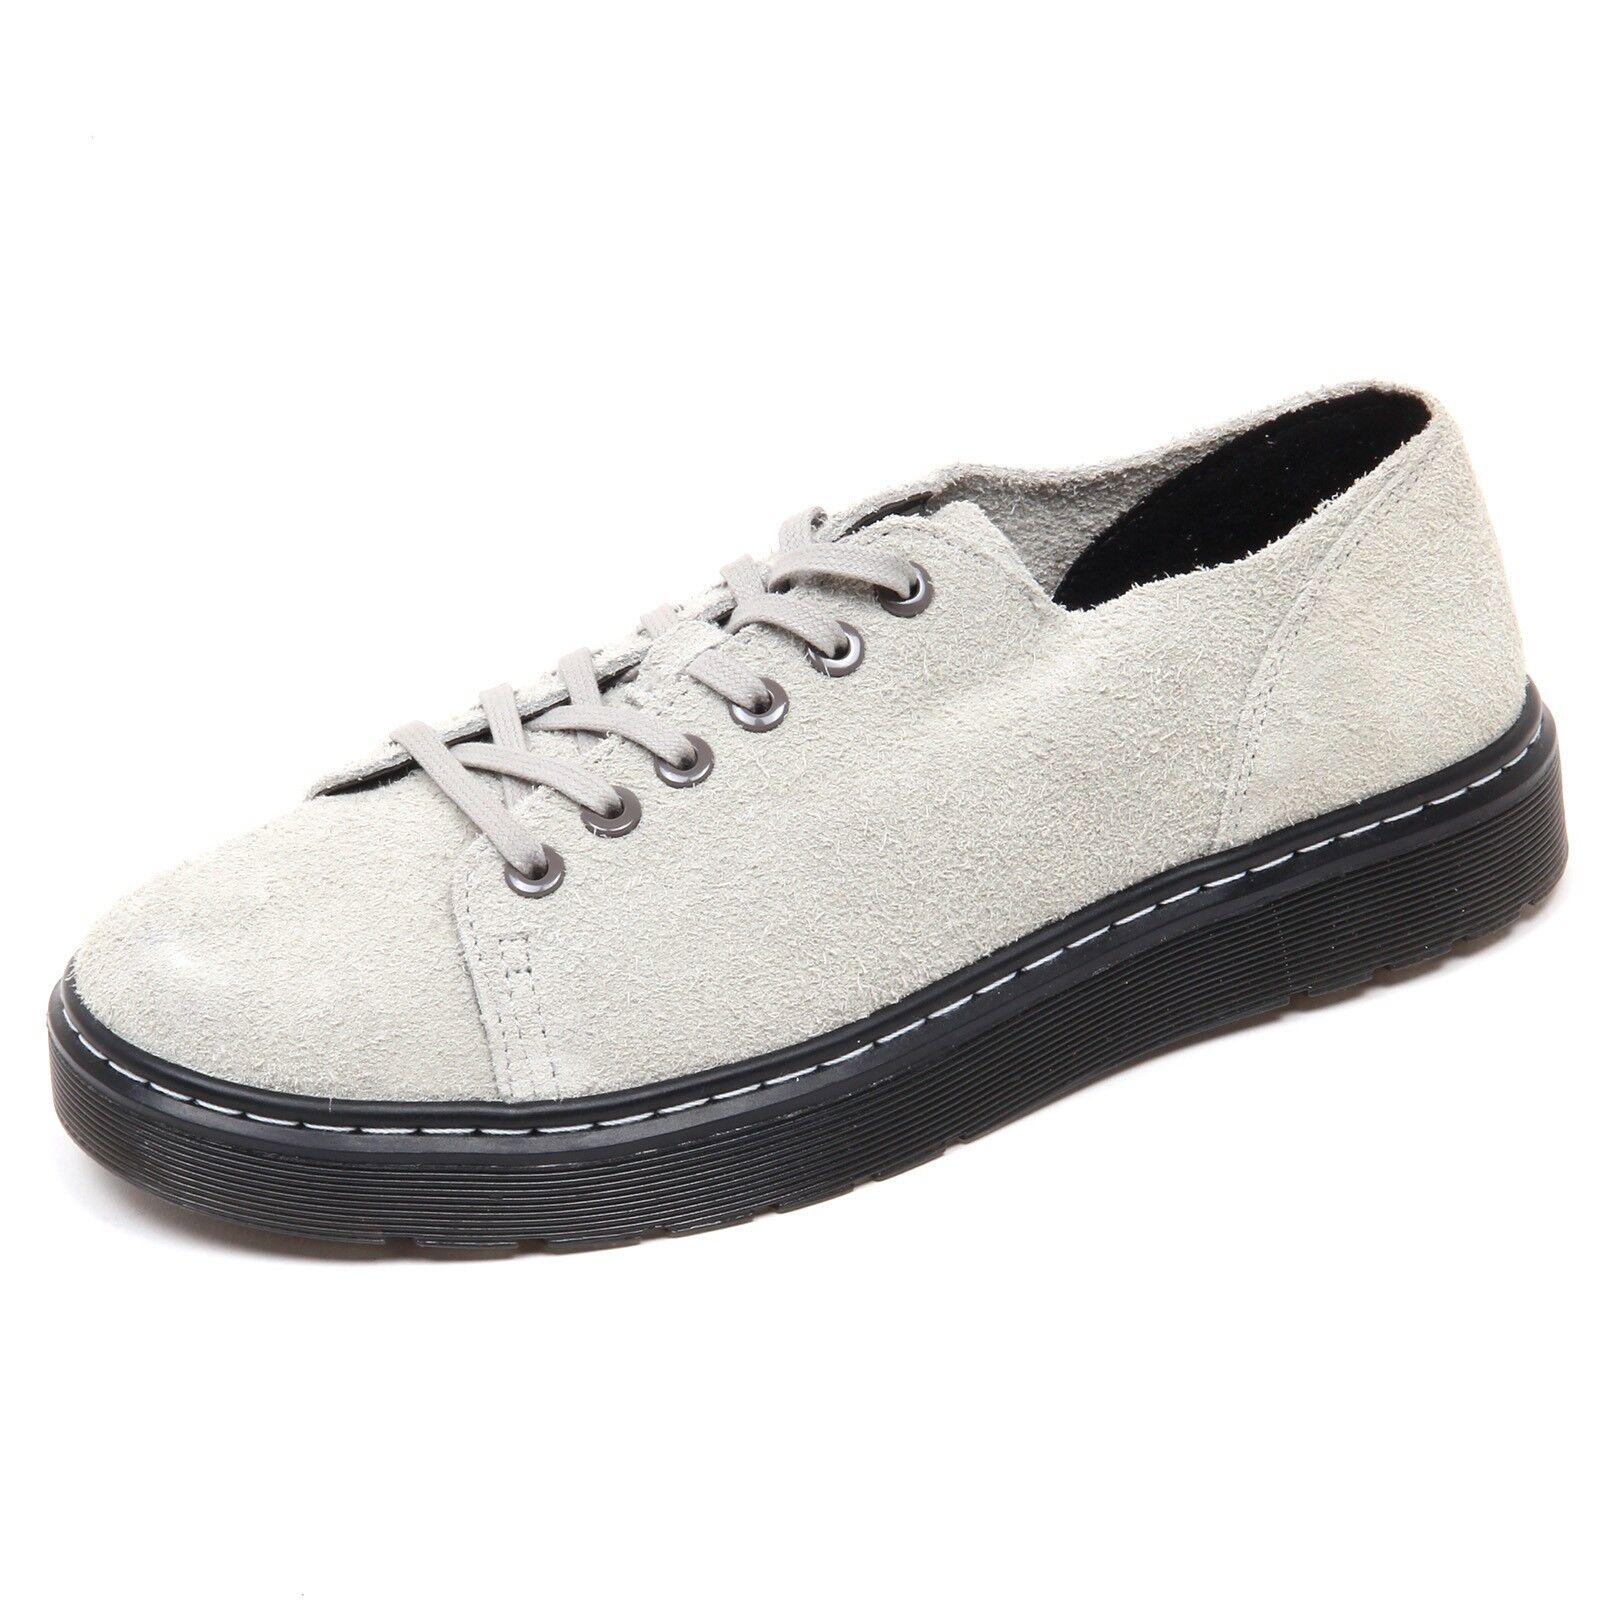 D3764 (without box) sneaker hombre DR. DR. DR. MARTENS DANTE Gris Zapatos man 518a5f